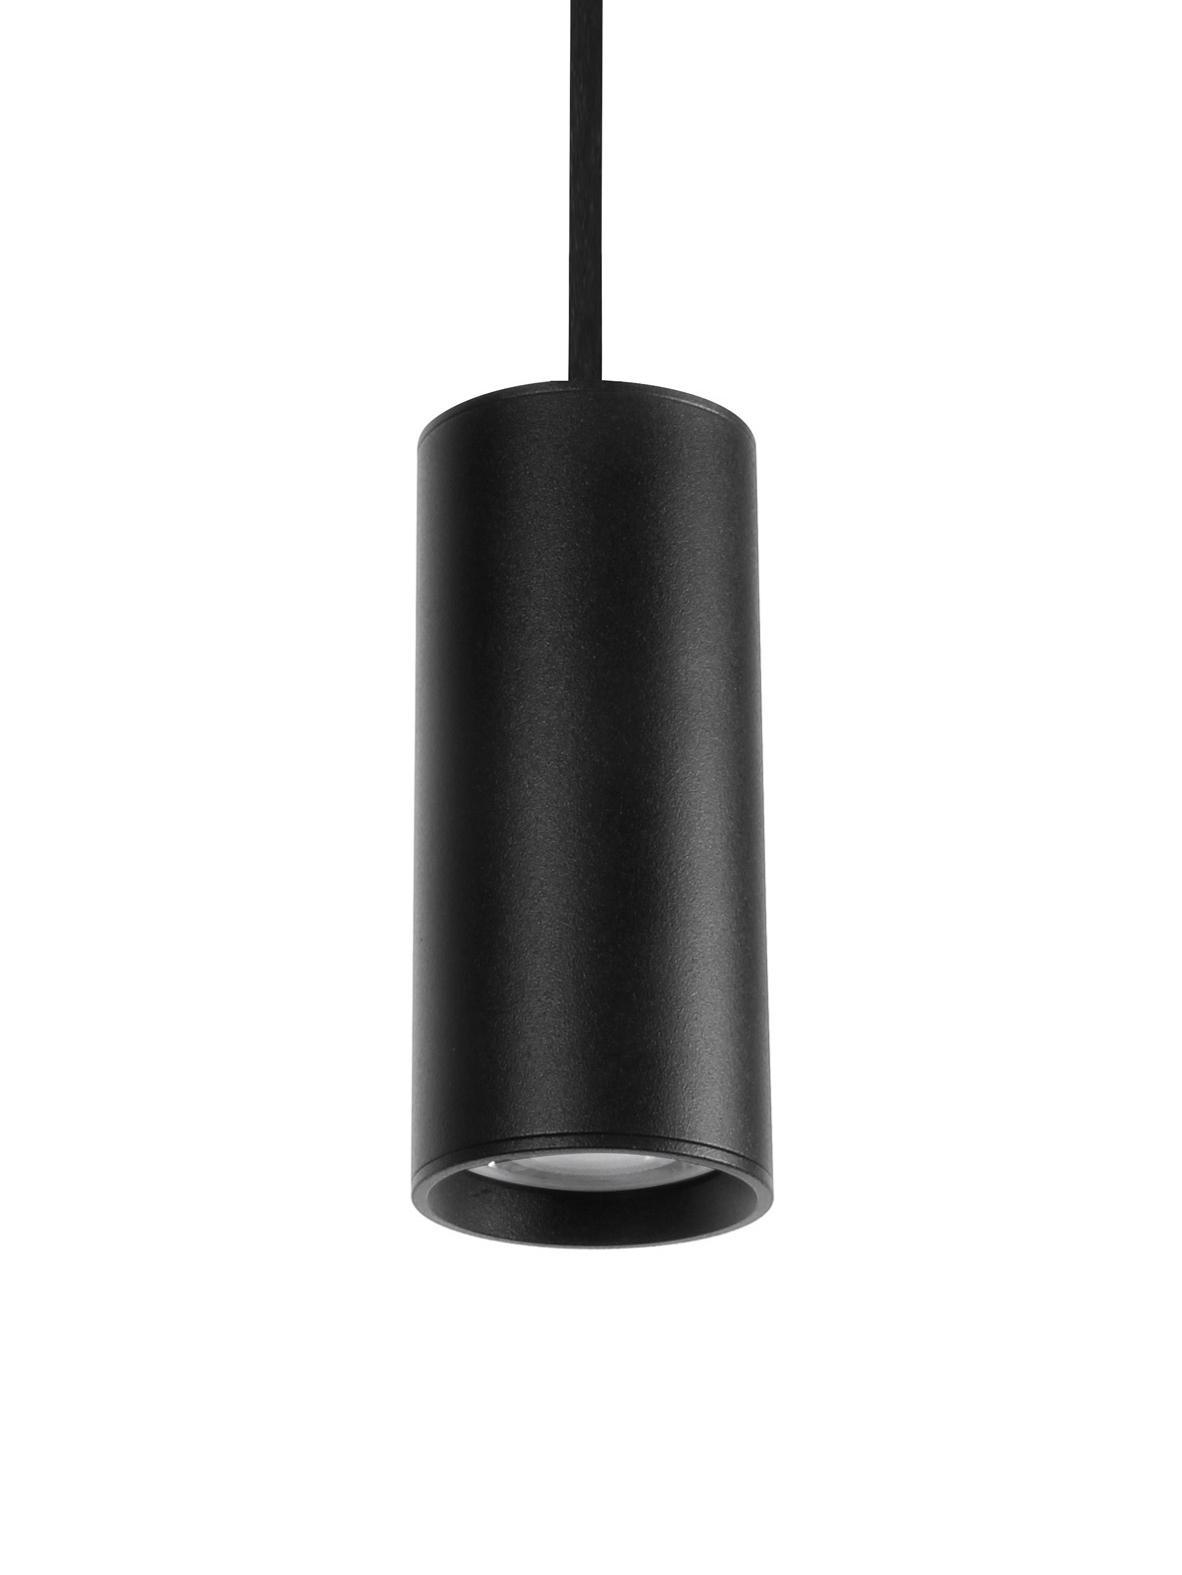 Kleine Pendelleuchte Aila, Lampenschirm: Aluminium, beschichtet, Baldachin: Aluminium, beschichtet, Schwarz, Ø 6 x H 120 cm